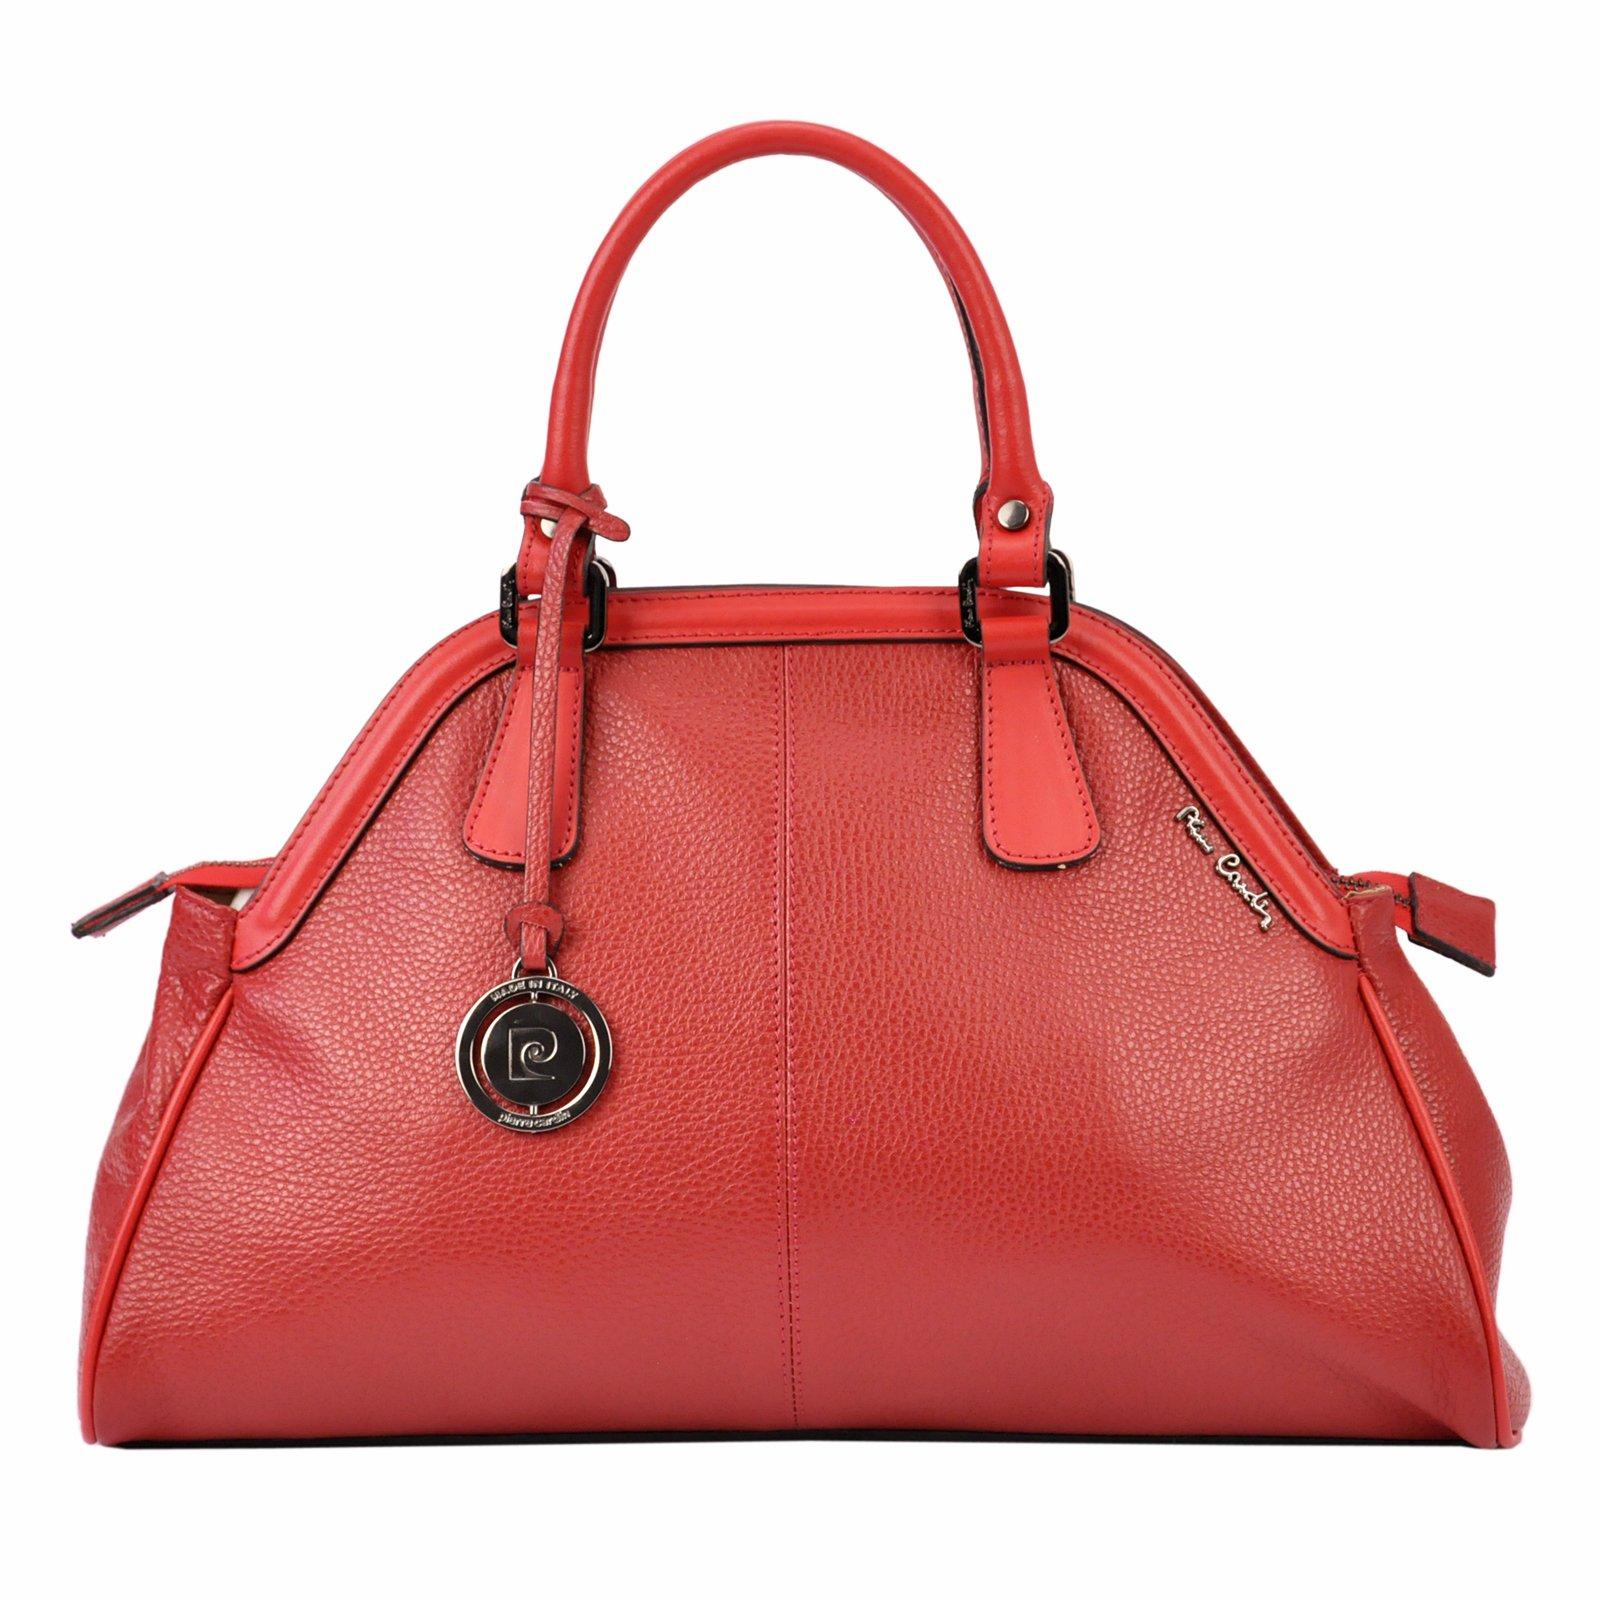 1cd1dac14f Dámská kabelka Pierre Cardin FRZ 1689 FRENZY - červená